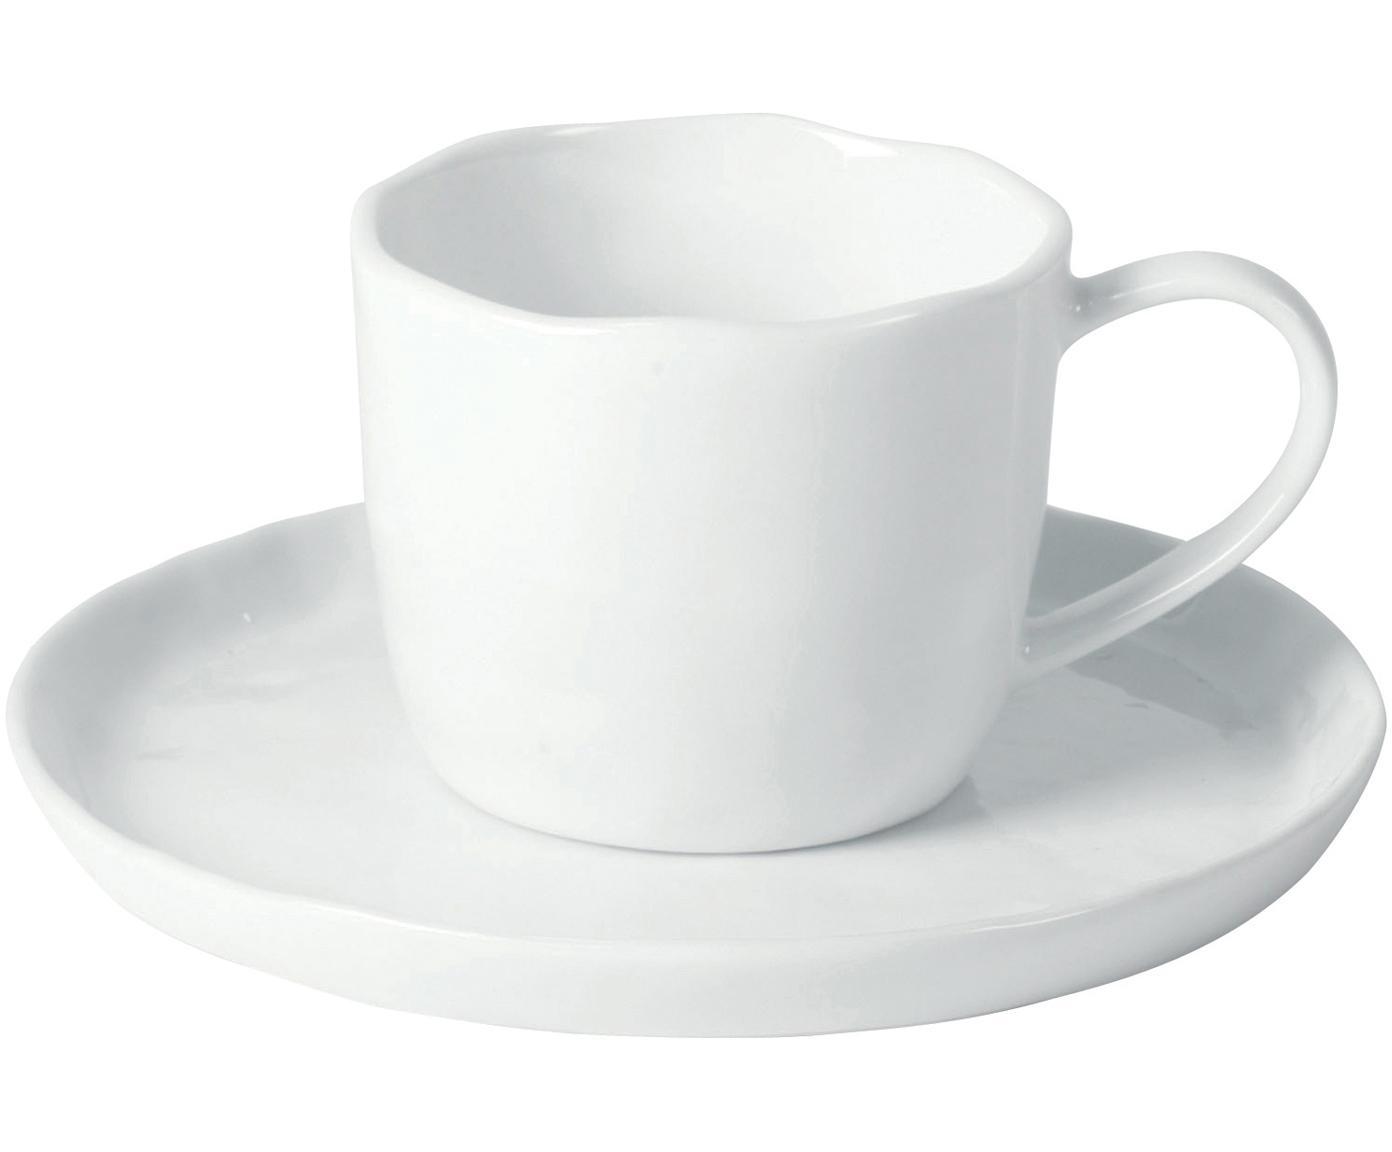 Tassen mit Untertassen Porcelino mit unebener Oberfläche, 6 Stück, Porzellan, gewollt ungleichmässig, Weiss, Ø 15 x H 8 cm